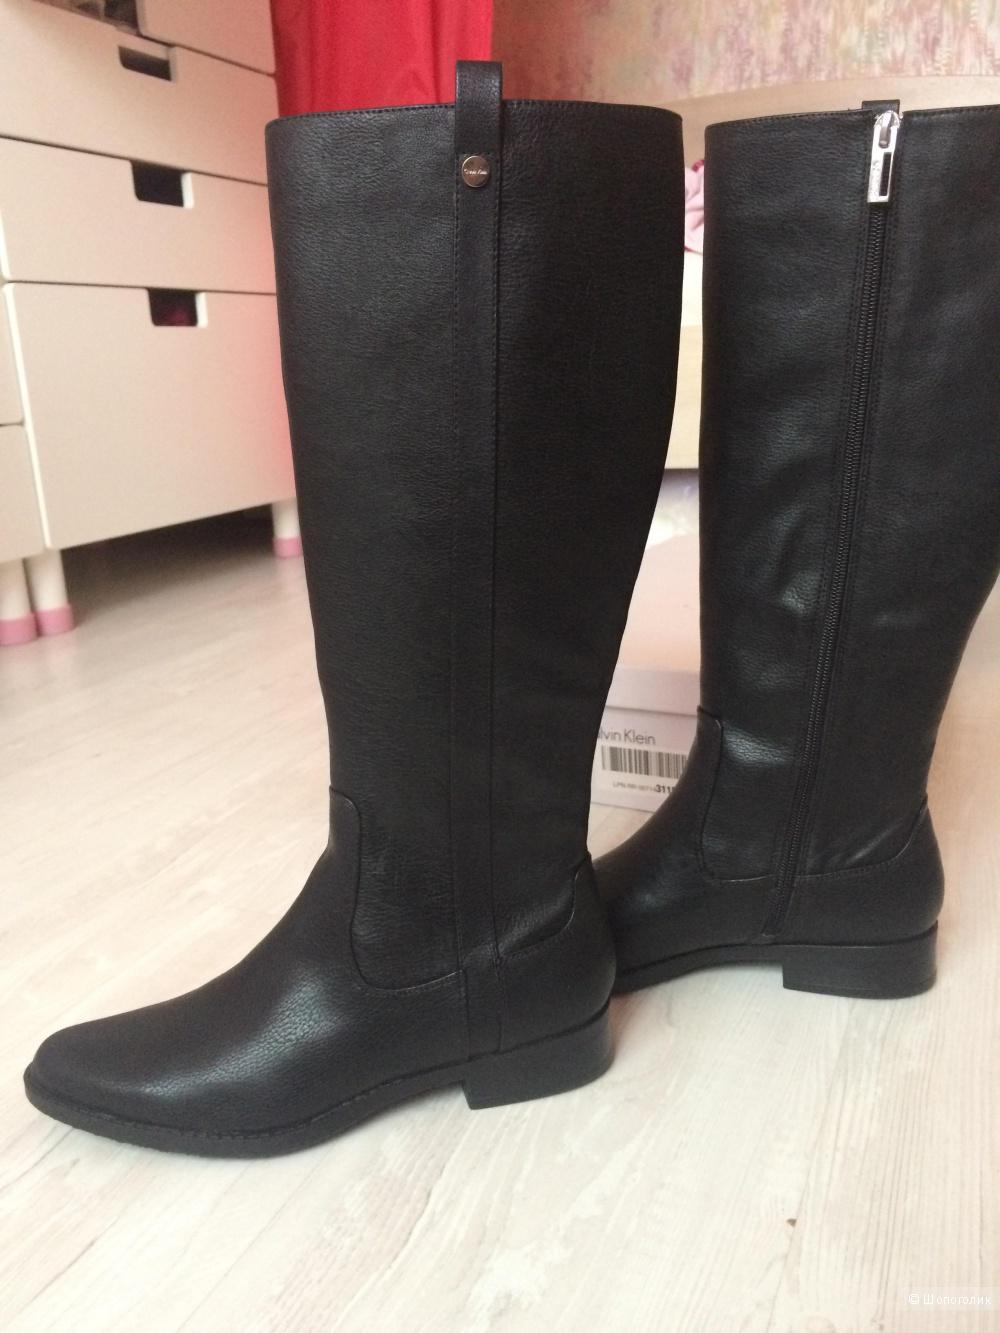 Новые сапоги  Calvin Klein ( оригинал) размер  37,5  под